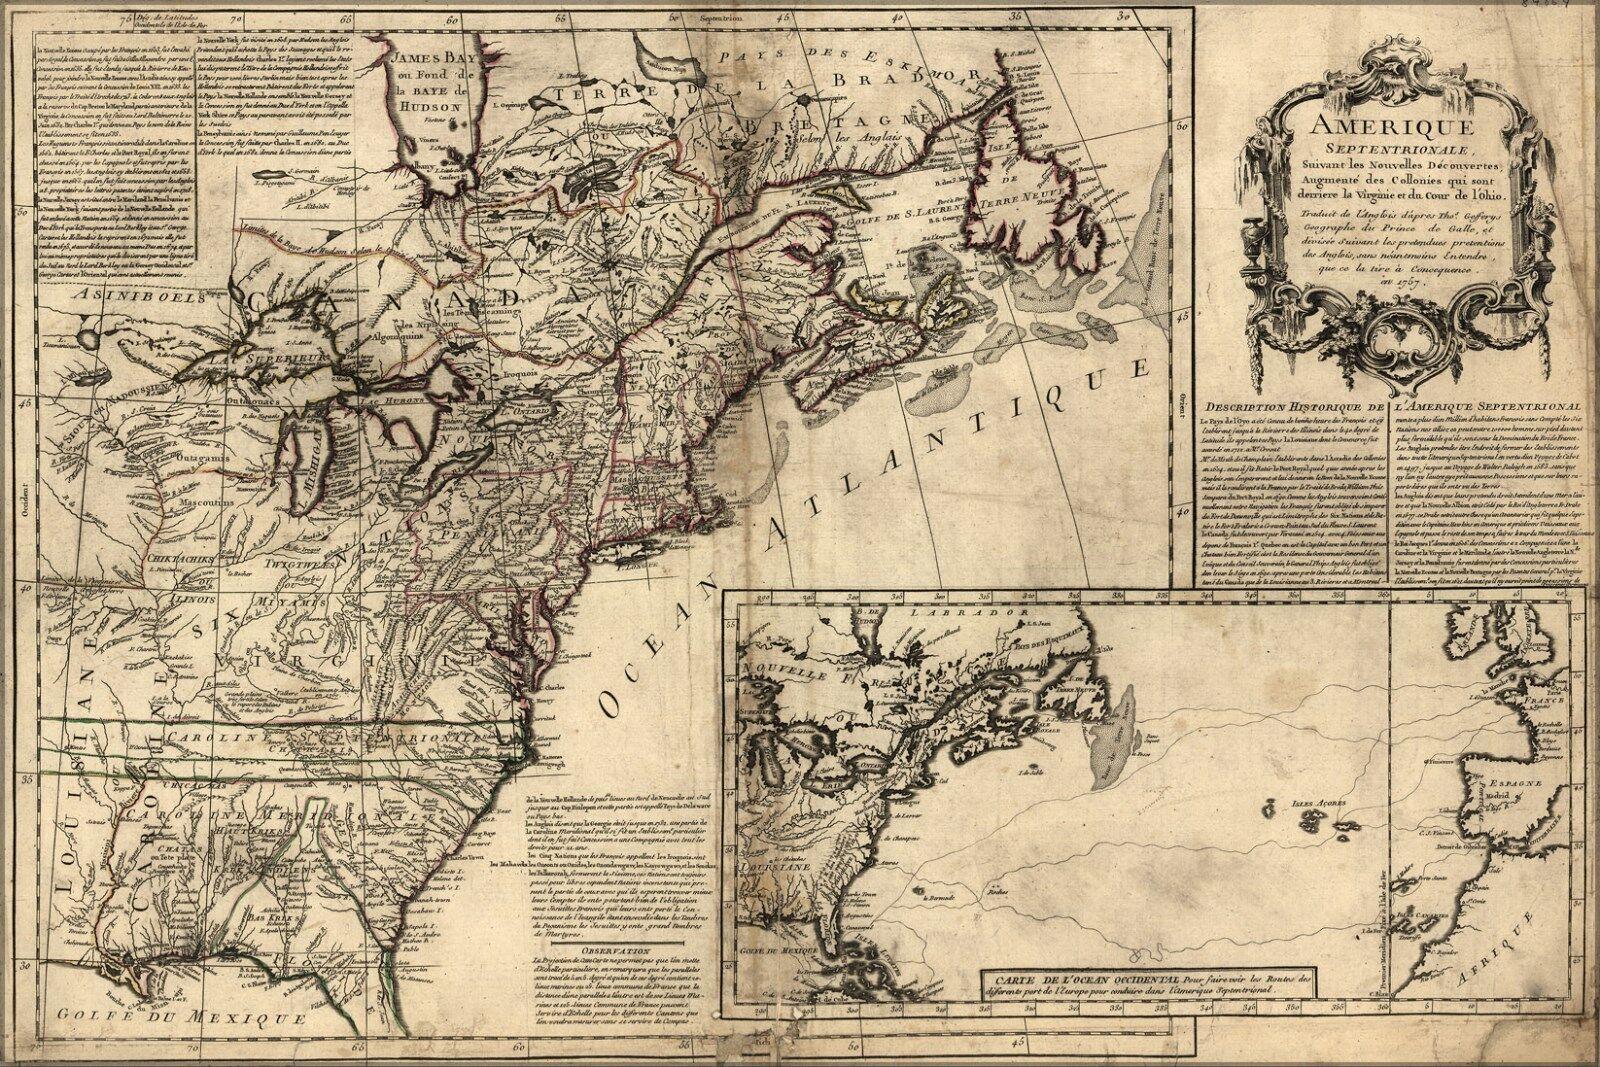 Plakat, Viele Größen; KKunste von Nordamerika vor Vereinigte Staaten 1757